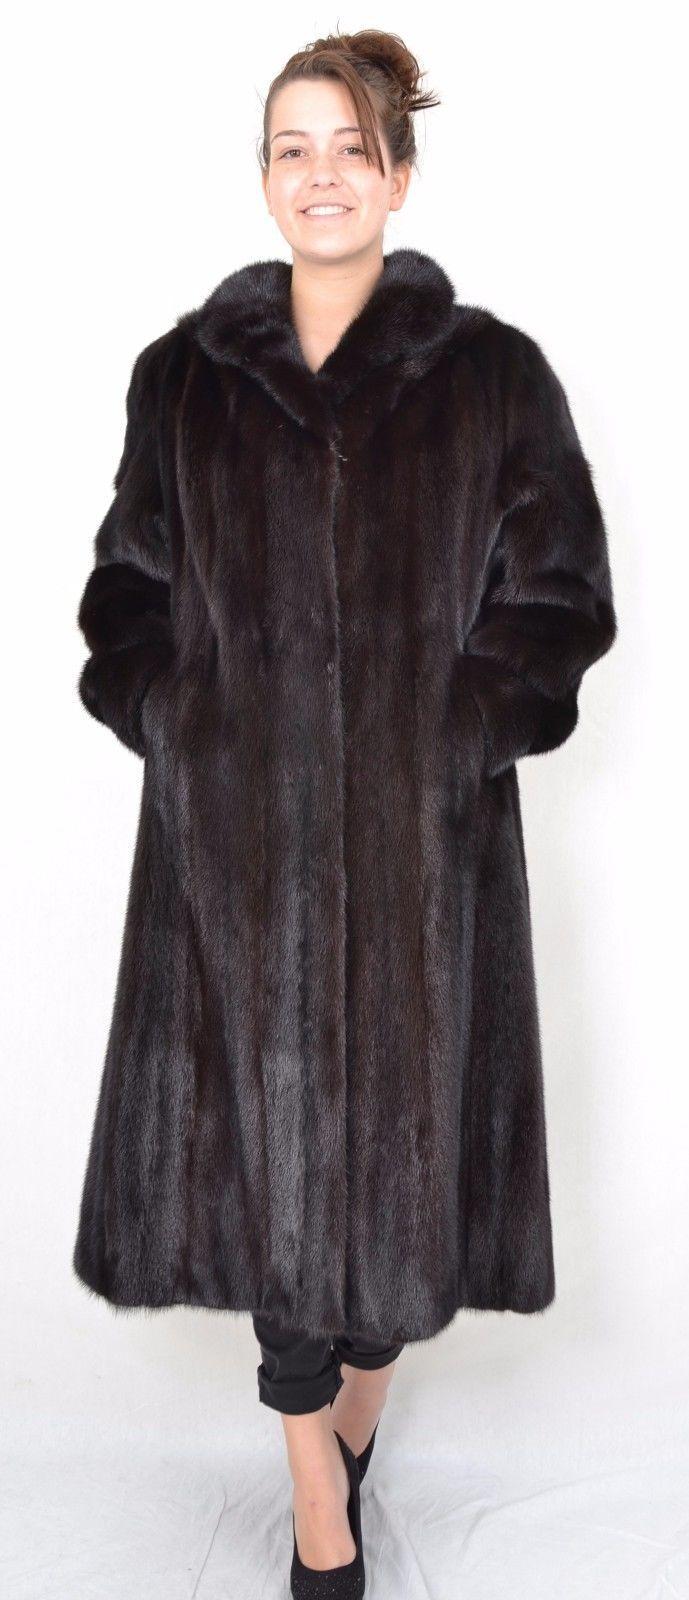 US996 fashionable Mink Fur Coat Jacket FULL LENGTH ÑÑÐÐ Mex ÐÐÑкРNerzmantel XL